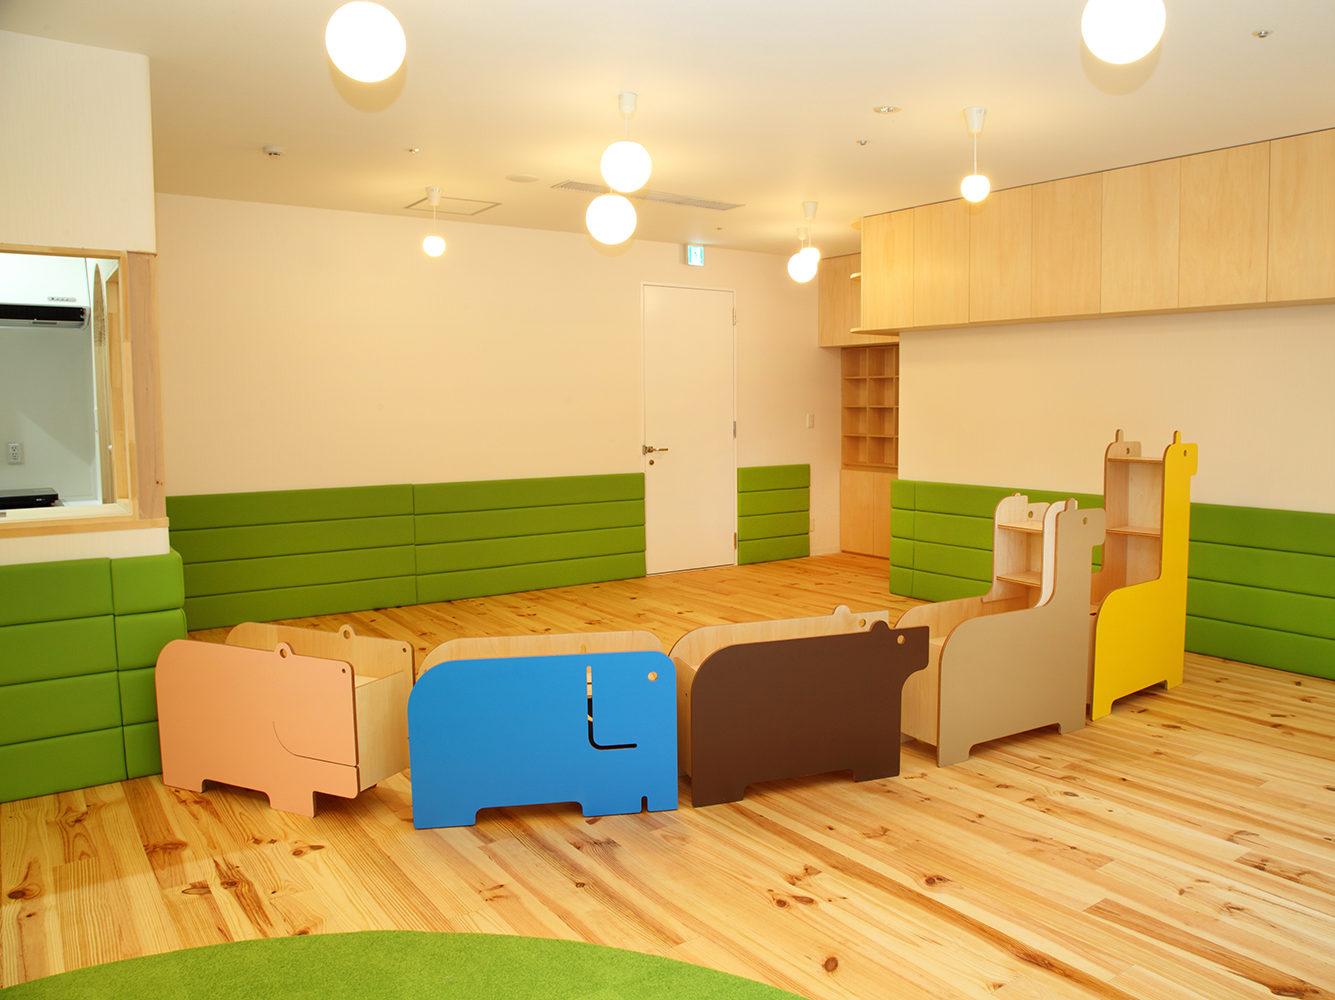 保育スペース間に間仕切りとして設置した災害時の備蓄庫も兼ねる家具の写真